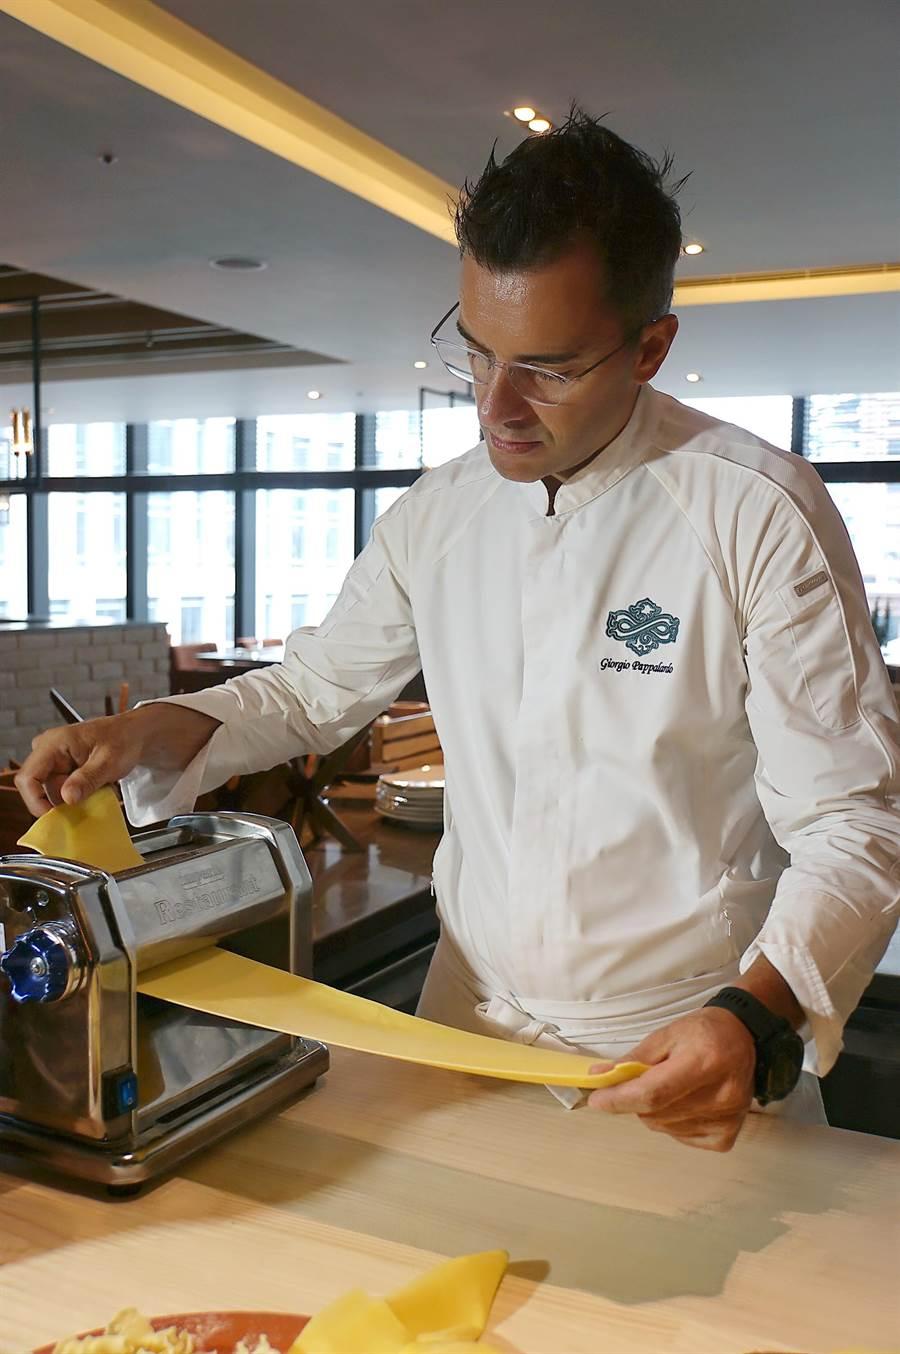 寒舍艾麗酒店〈La Farfalla〉餐廳升級後,所有義大利麵都是廚師現場製作,客人可以看到過程。(圖/姚舜)